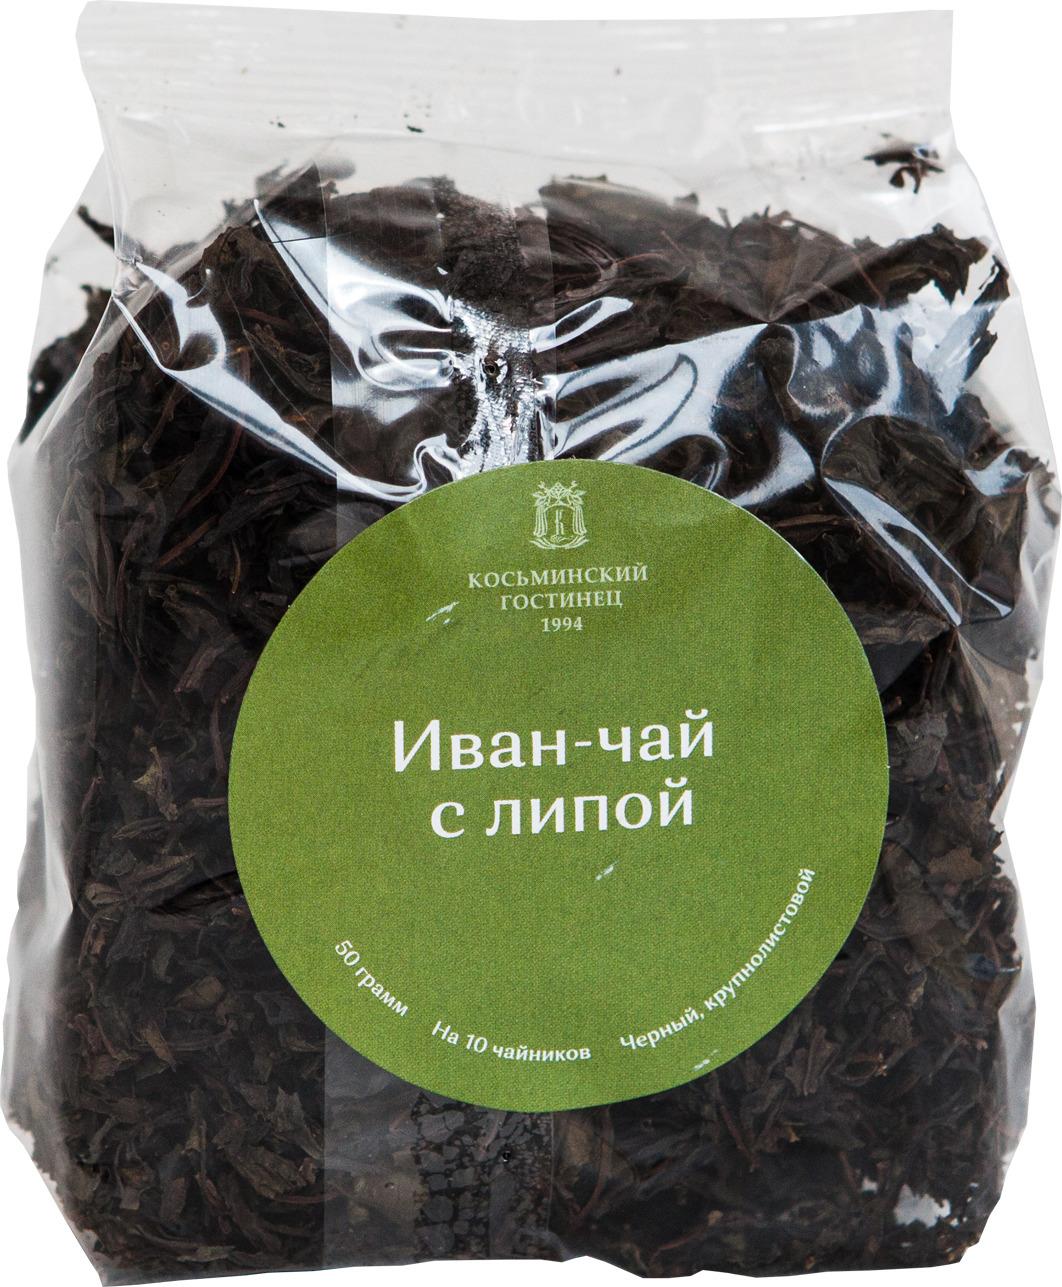 Иван-чай крупнолистовой Косьминский гостинец, с липой, 50 г иван чай крупнолистовой косьминский гостинец с мелиссой 50 г